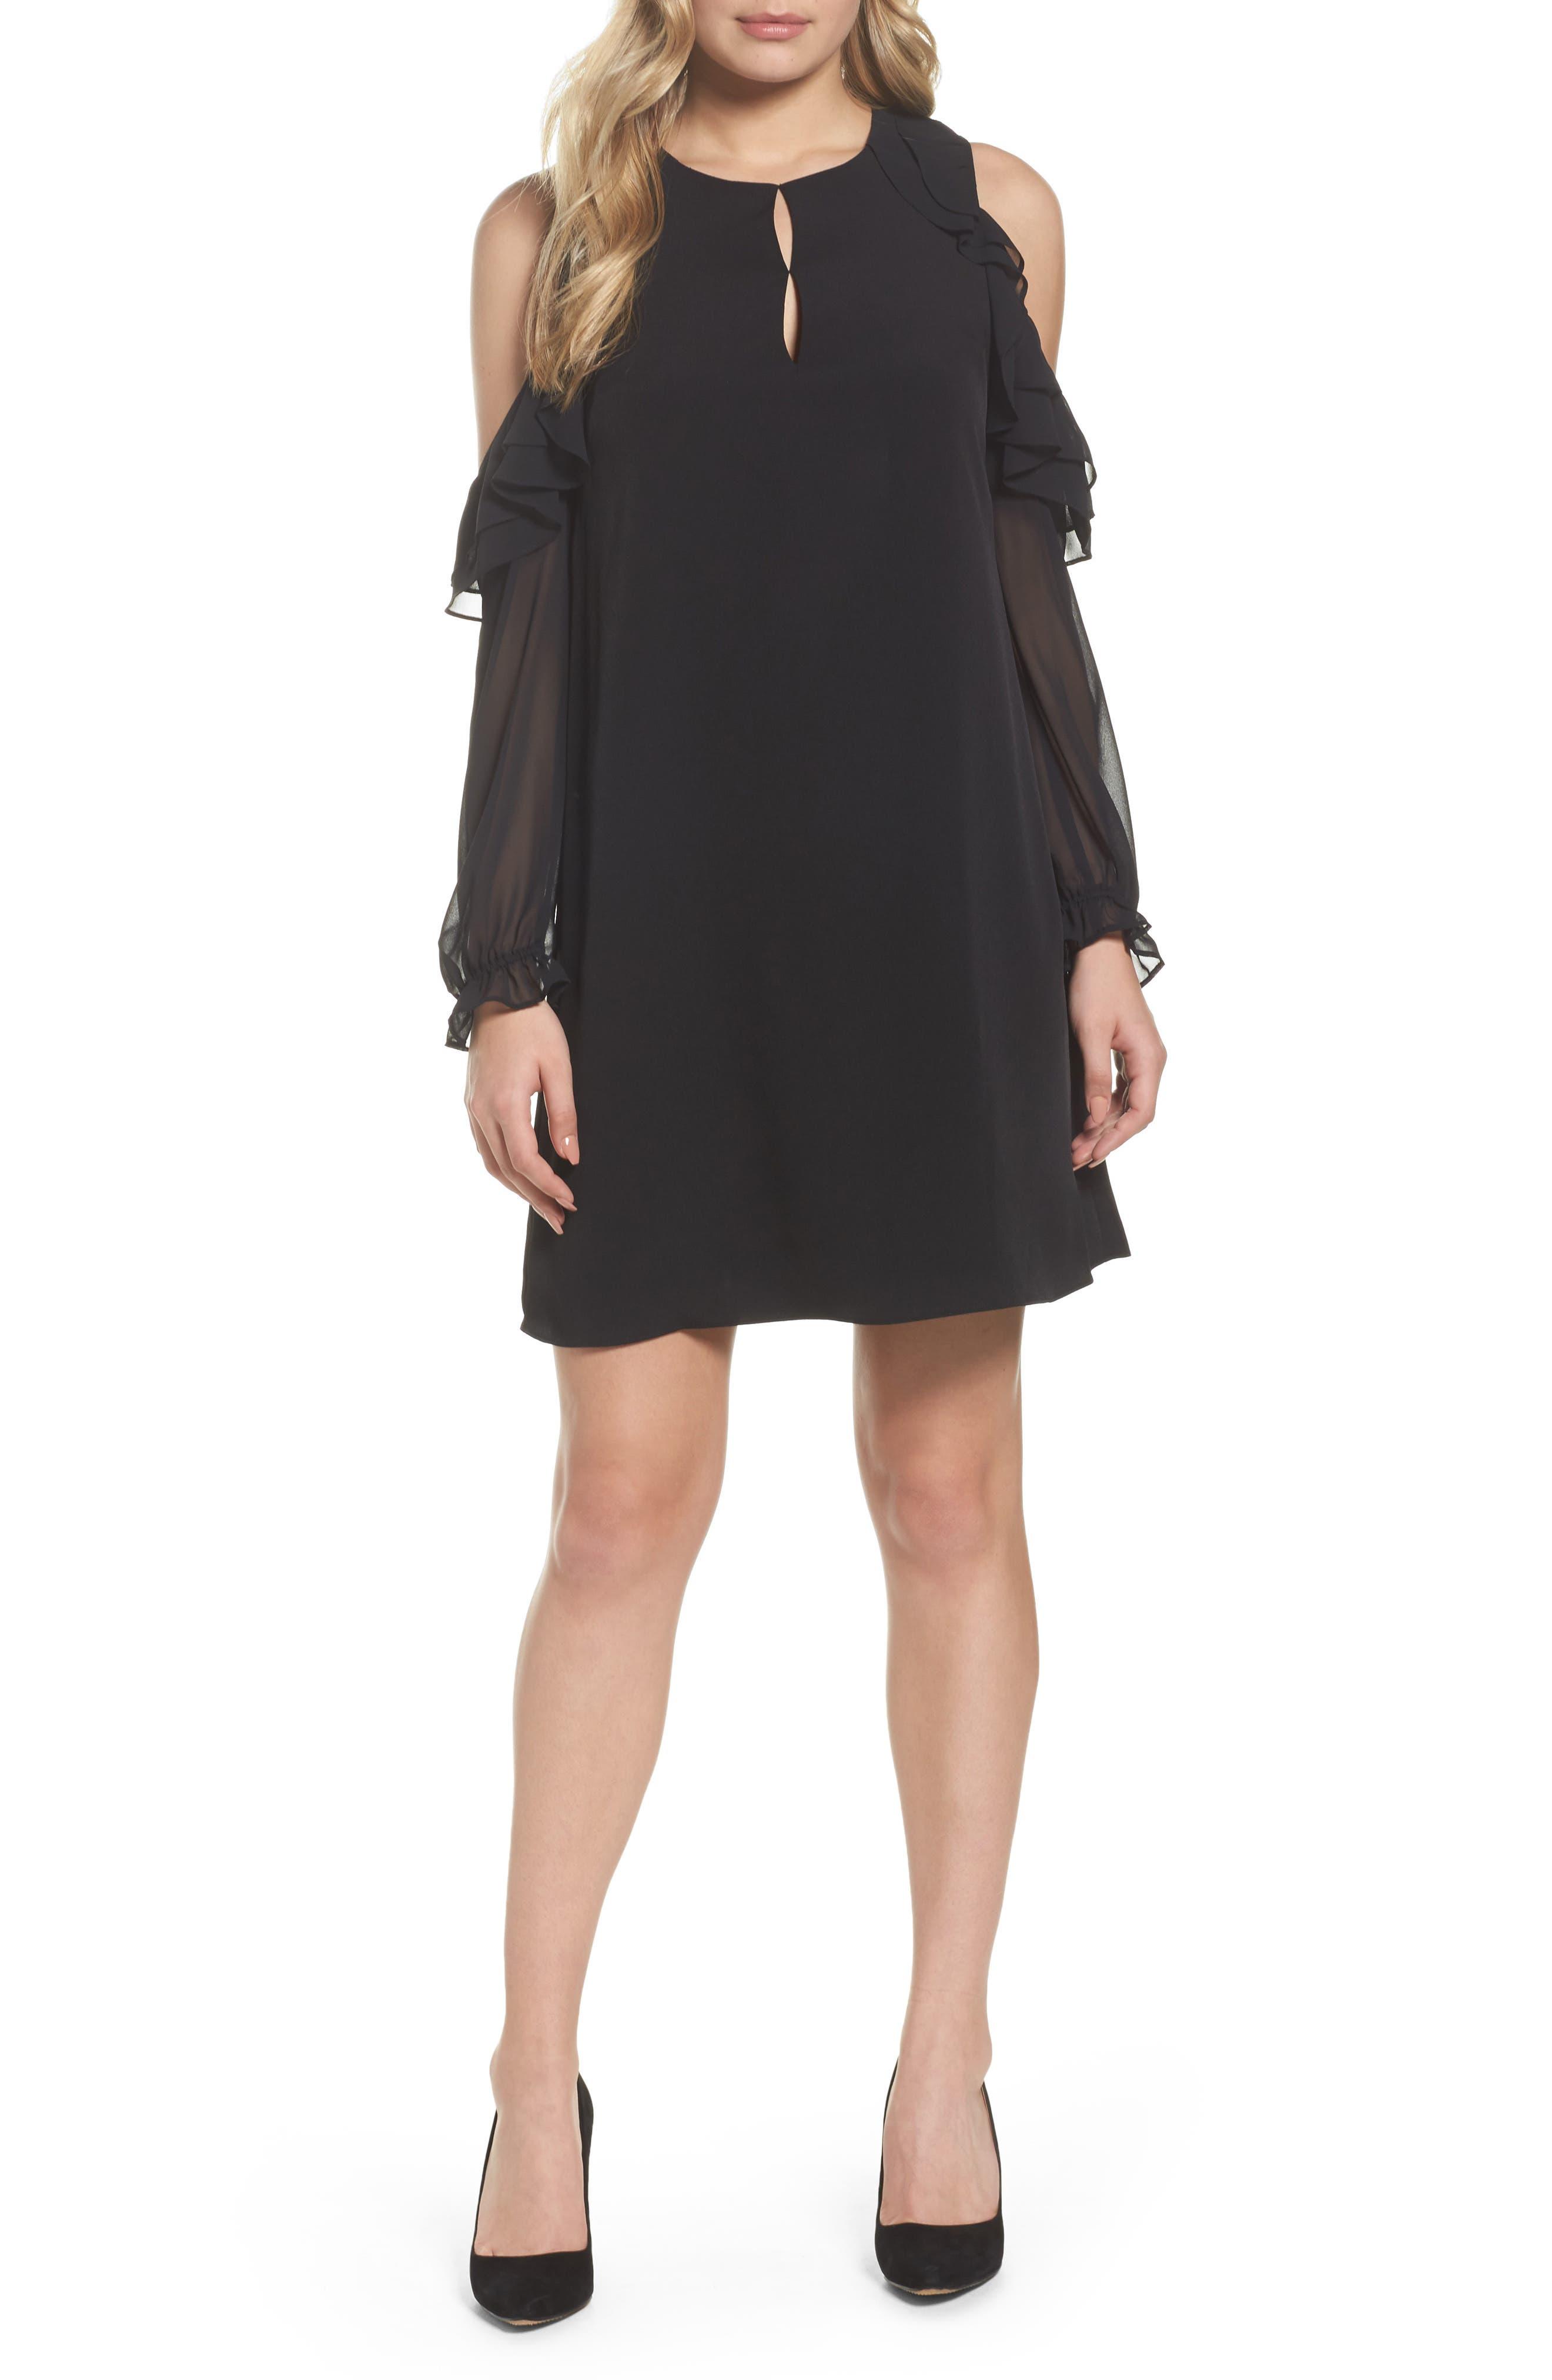 Alternate Image 1 Selected - CeCe Isabella Cold Shoulder Shift Dress